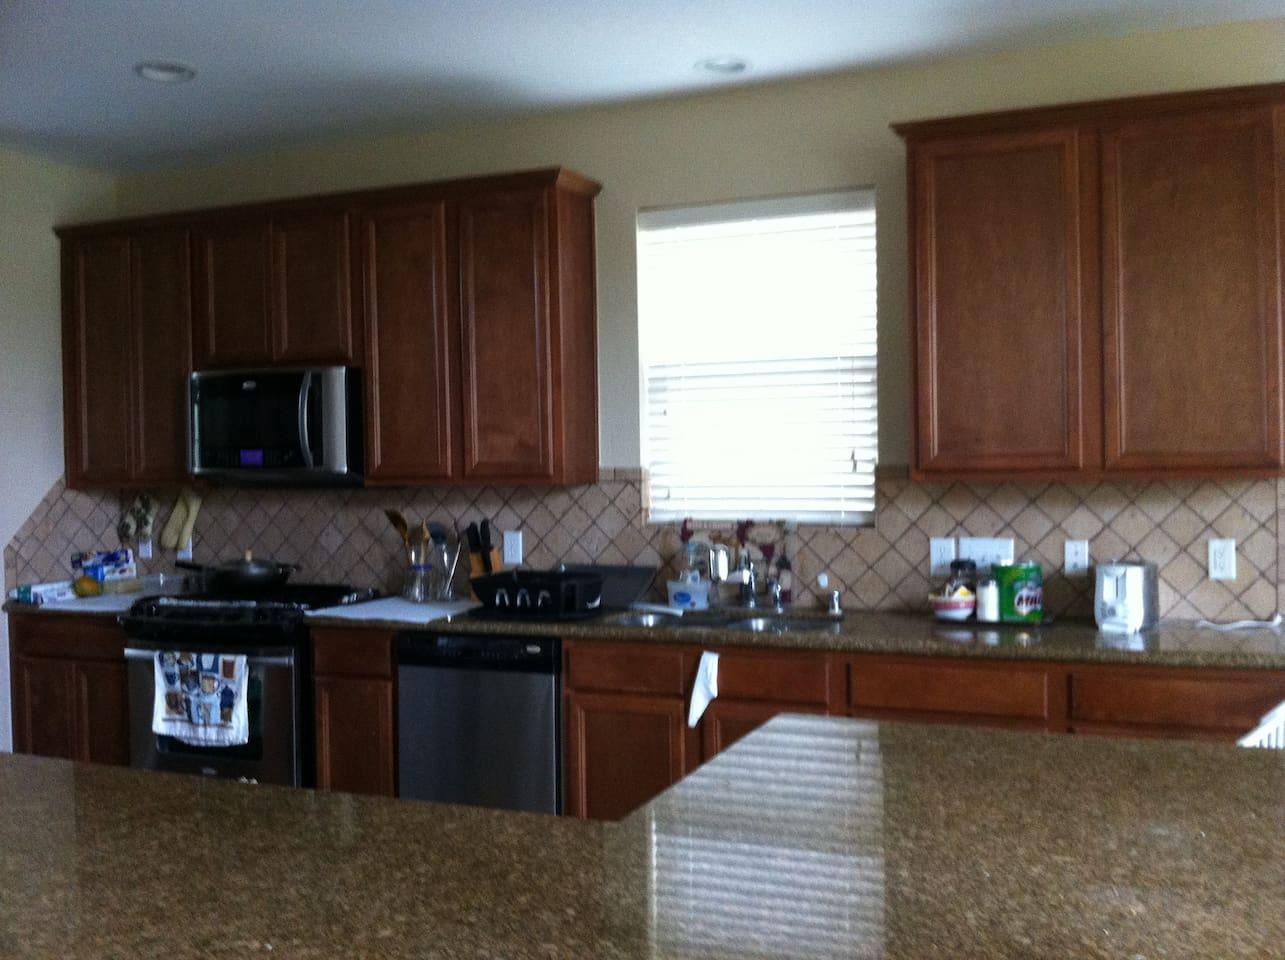 Big kitchen space